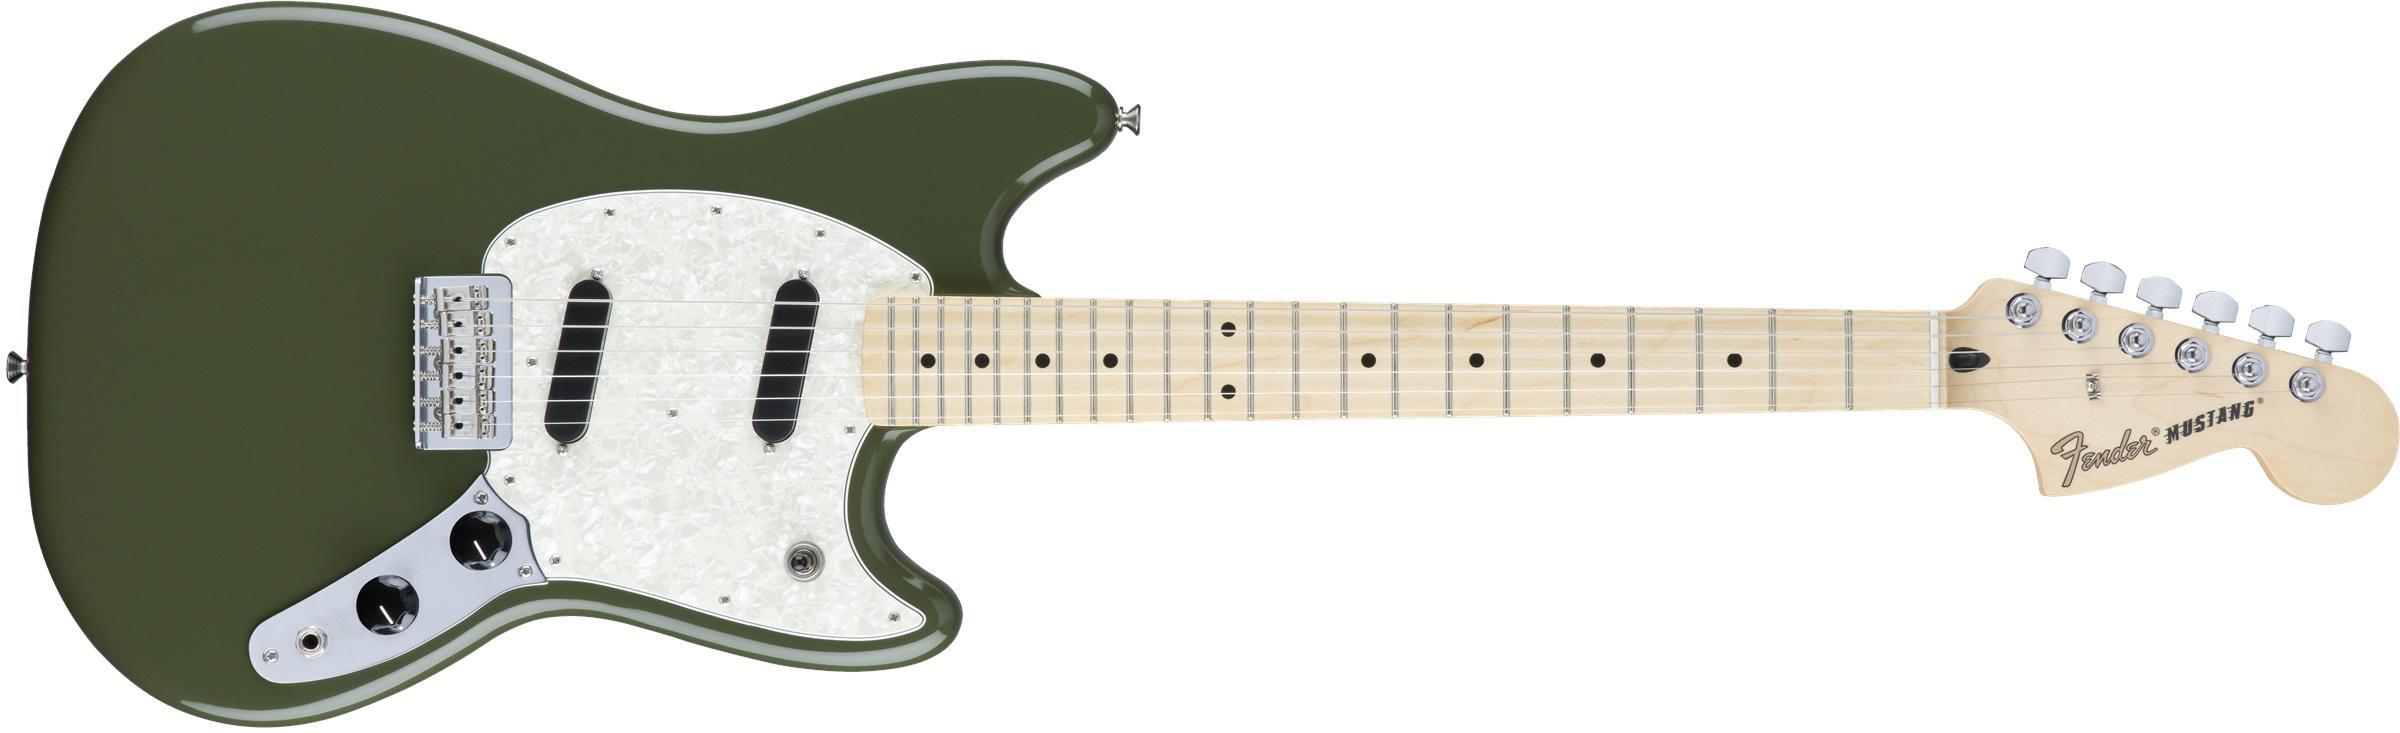 Fender Mustang MN OL